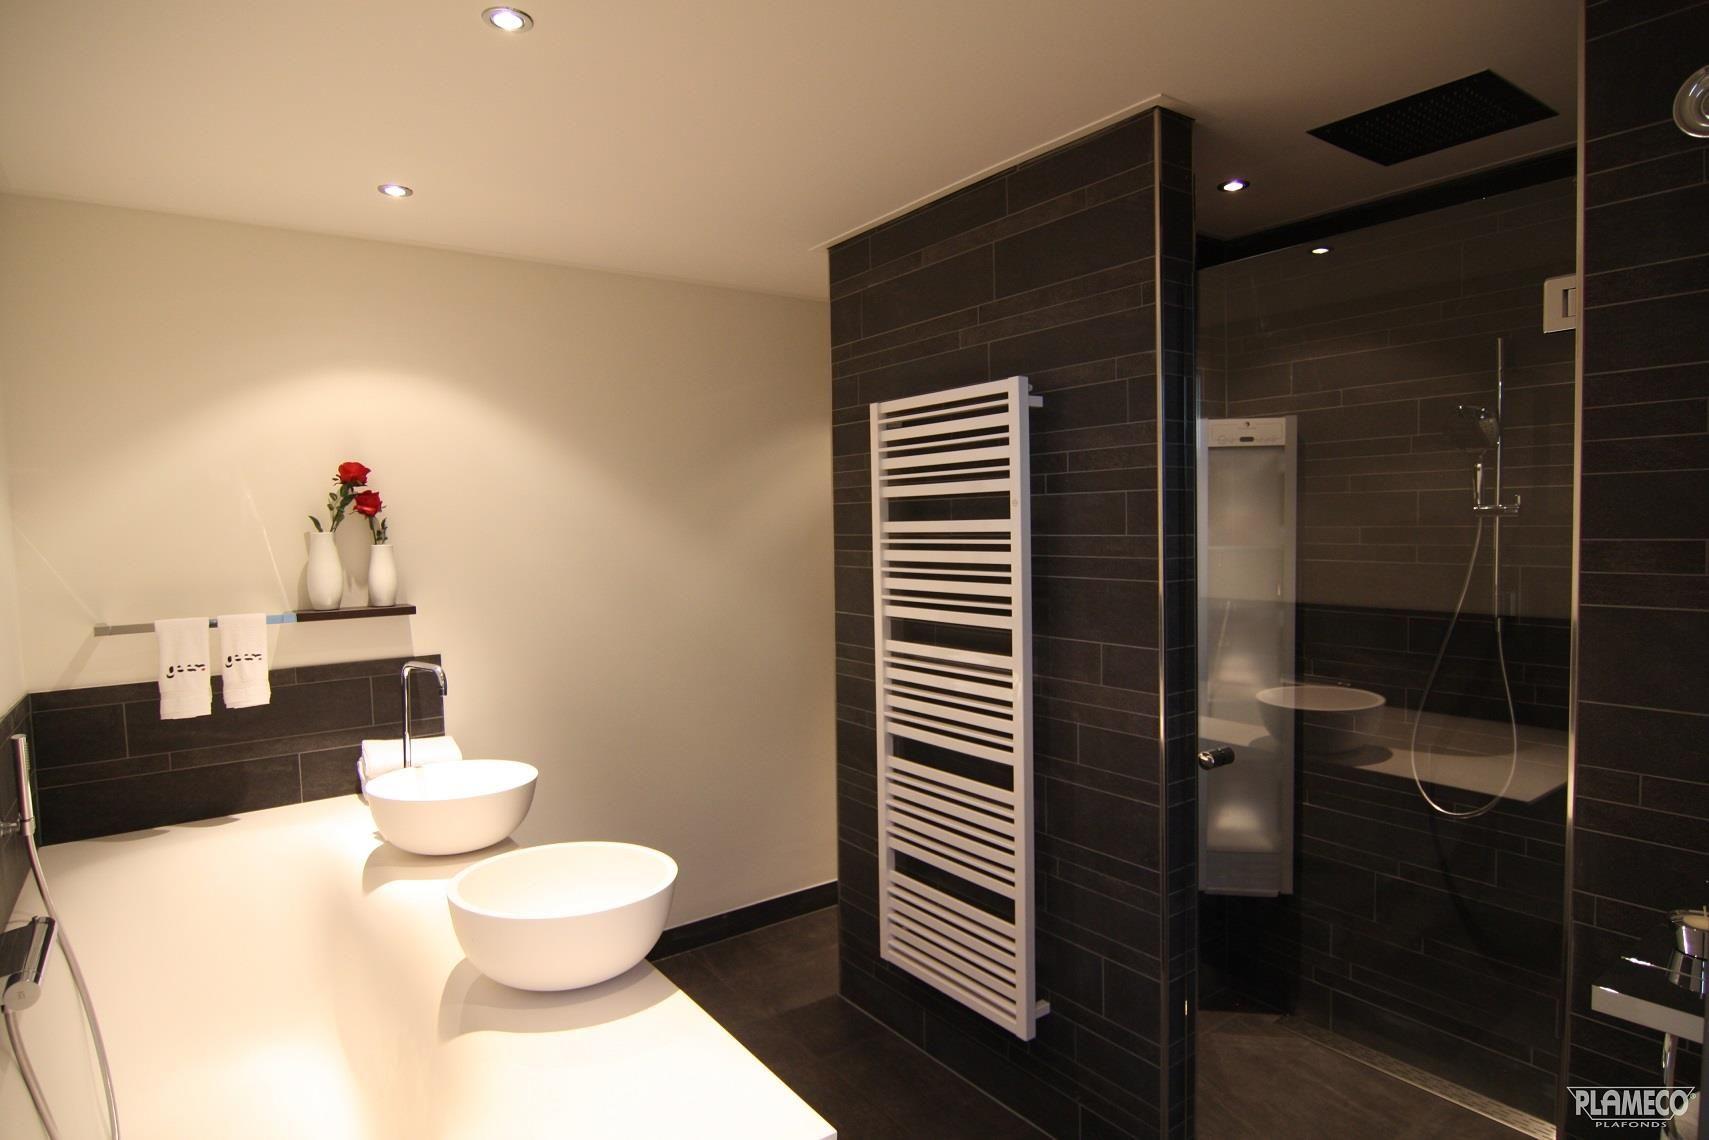 Kunstof Plafond Badkamer : Strak kunststof plafond badkamer google zoeken badkamer